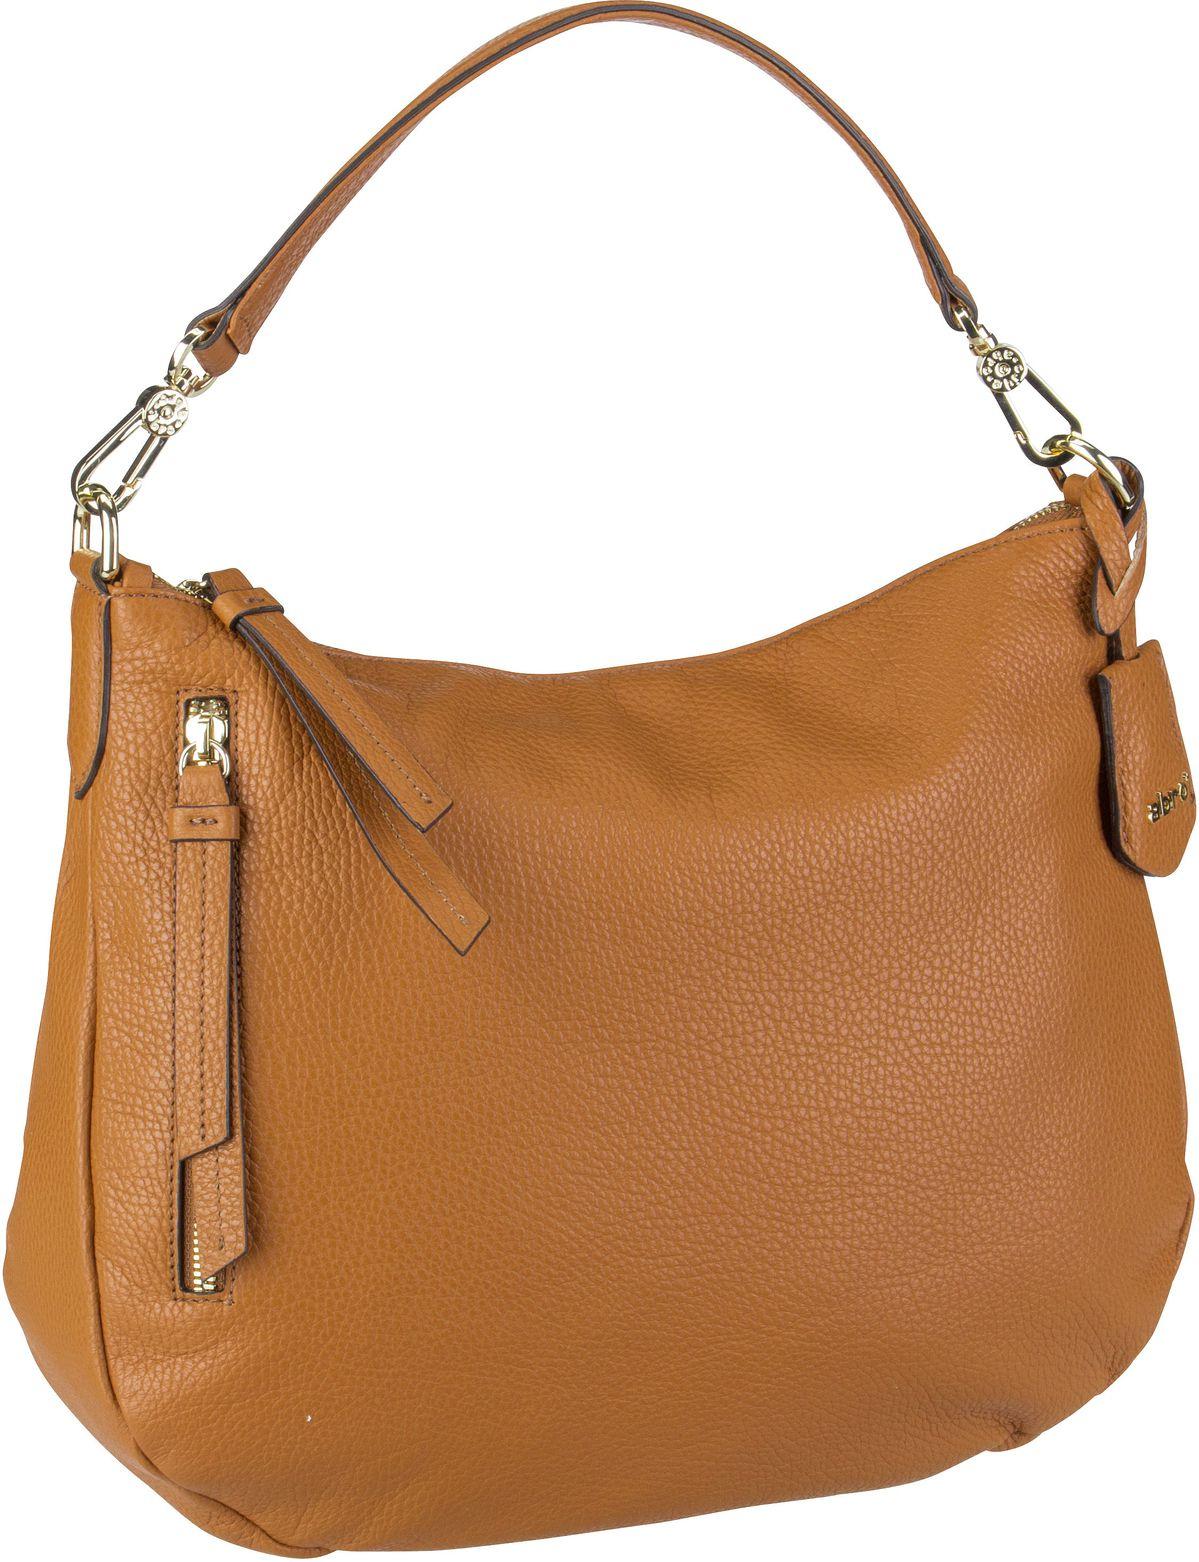 Handtasche Juna 28825 Cuoio